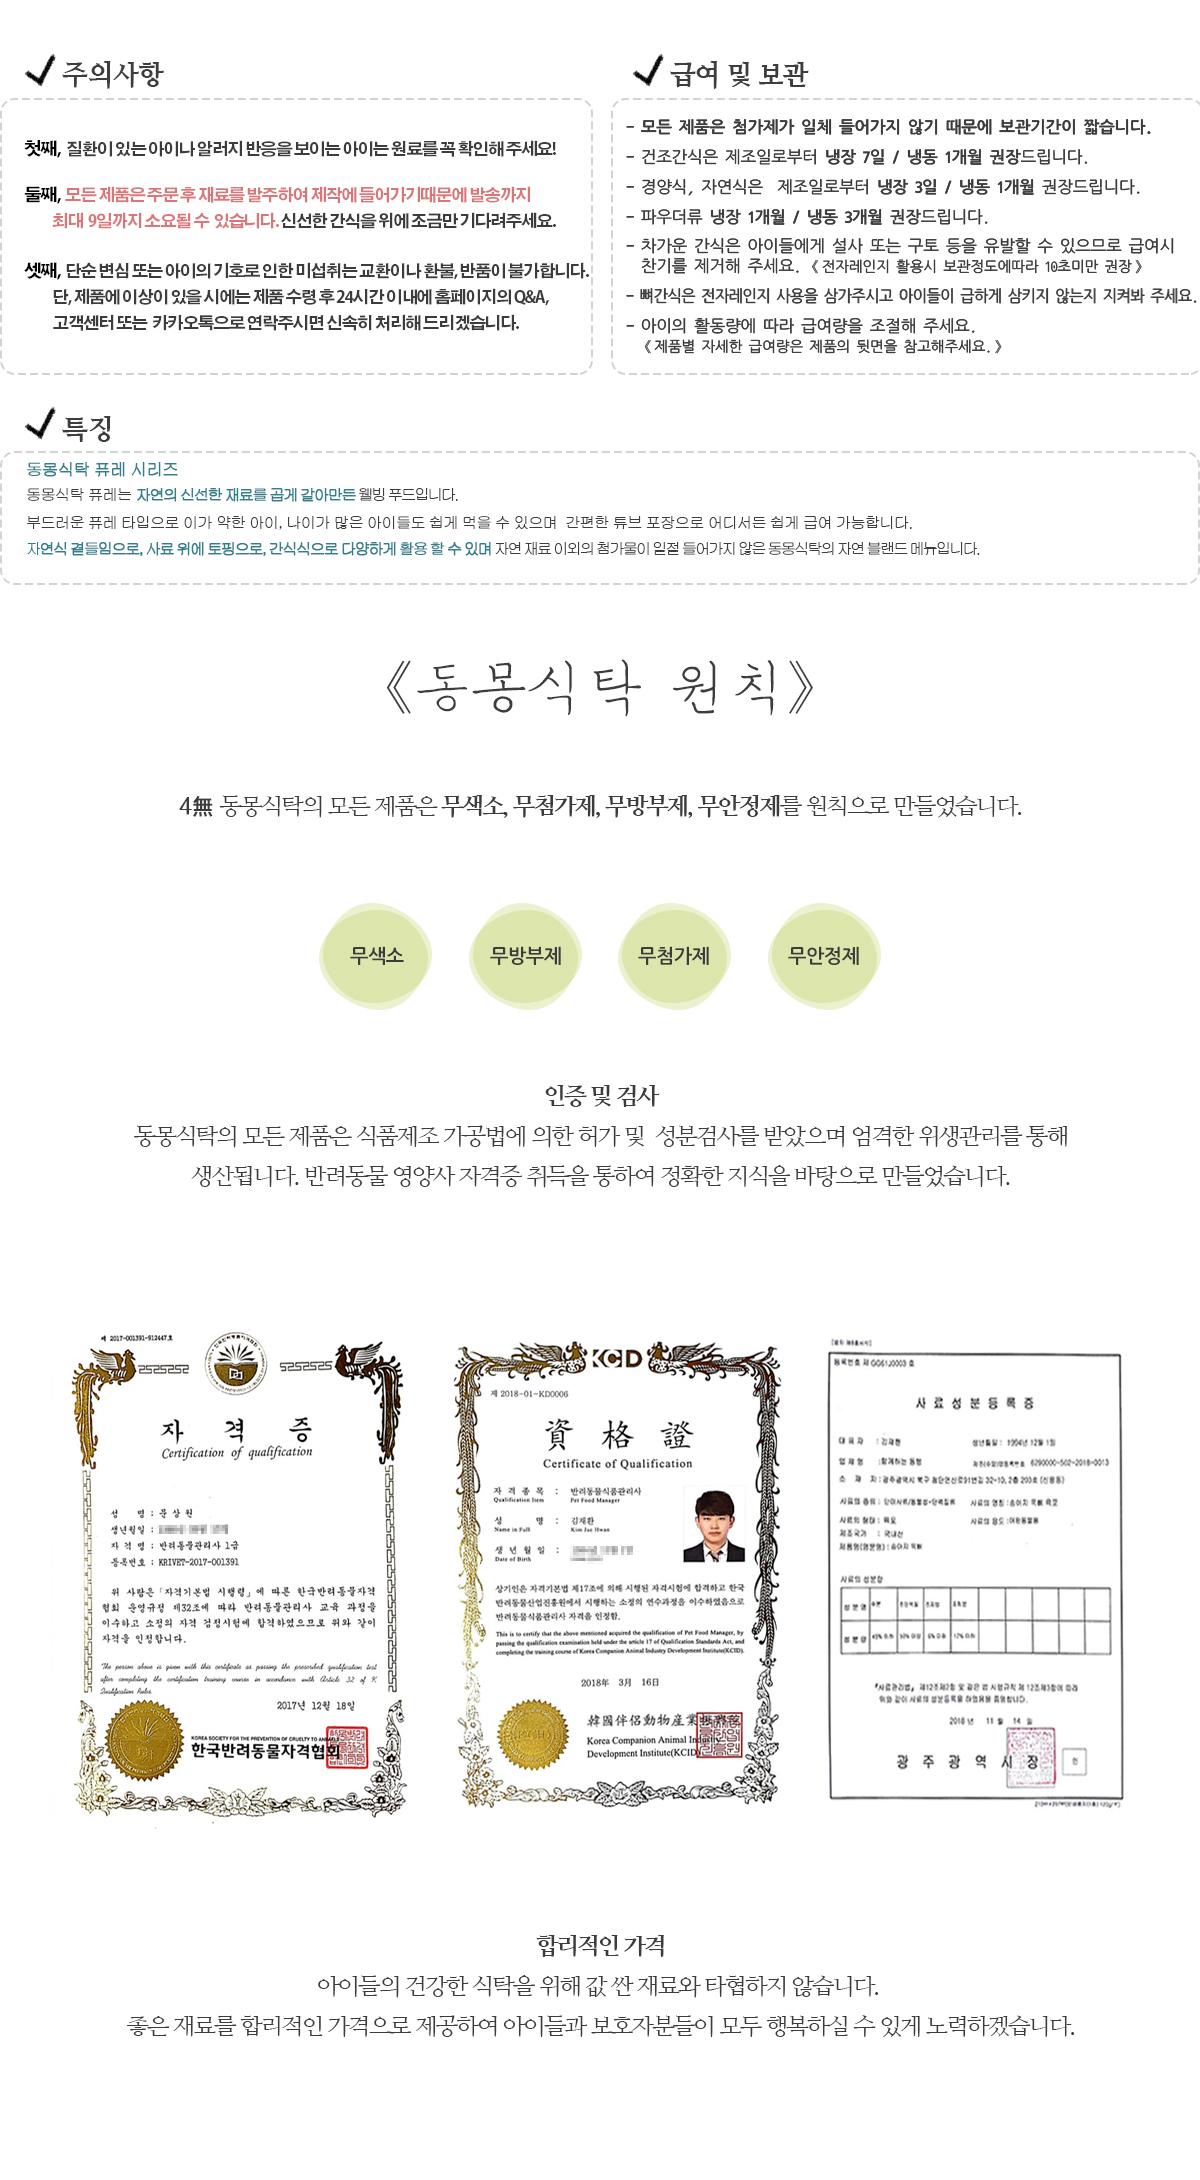 강아지 수제간식 칠면조 육포 50g - 동몽식탁, 7,000원, 간식/영양제, 수제간식